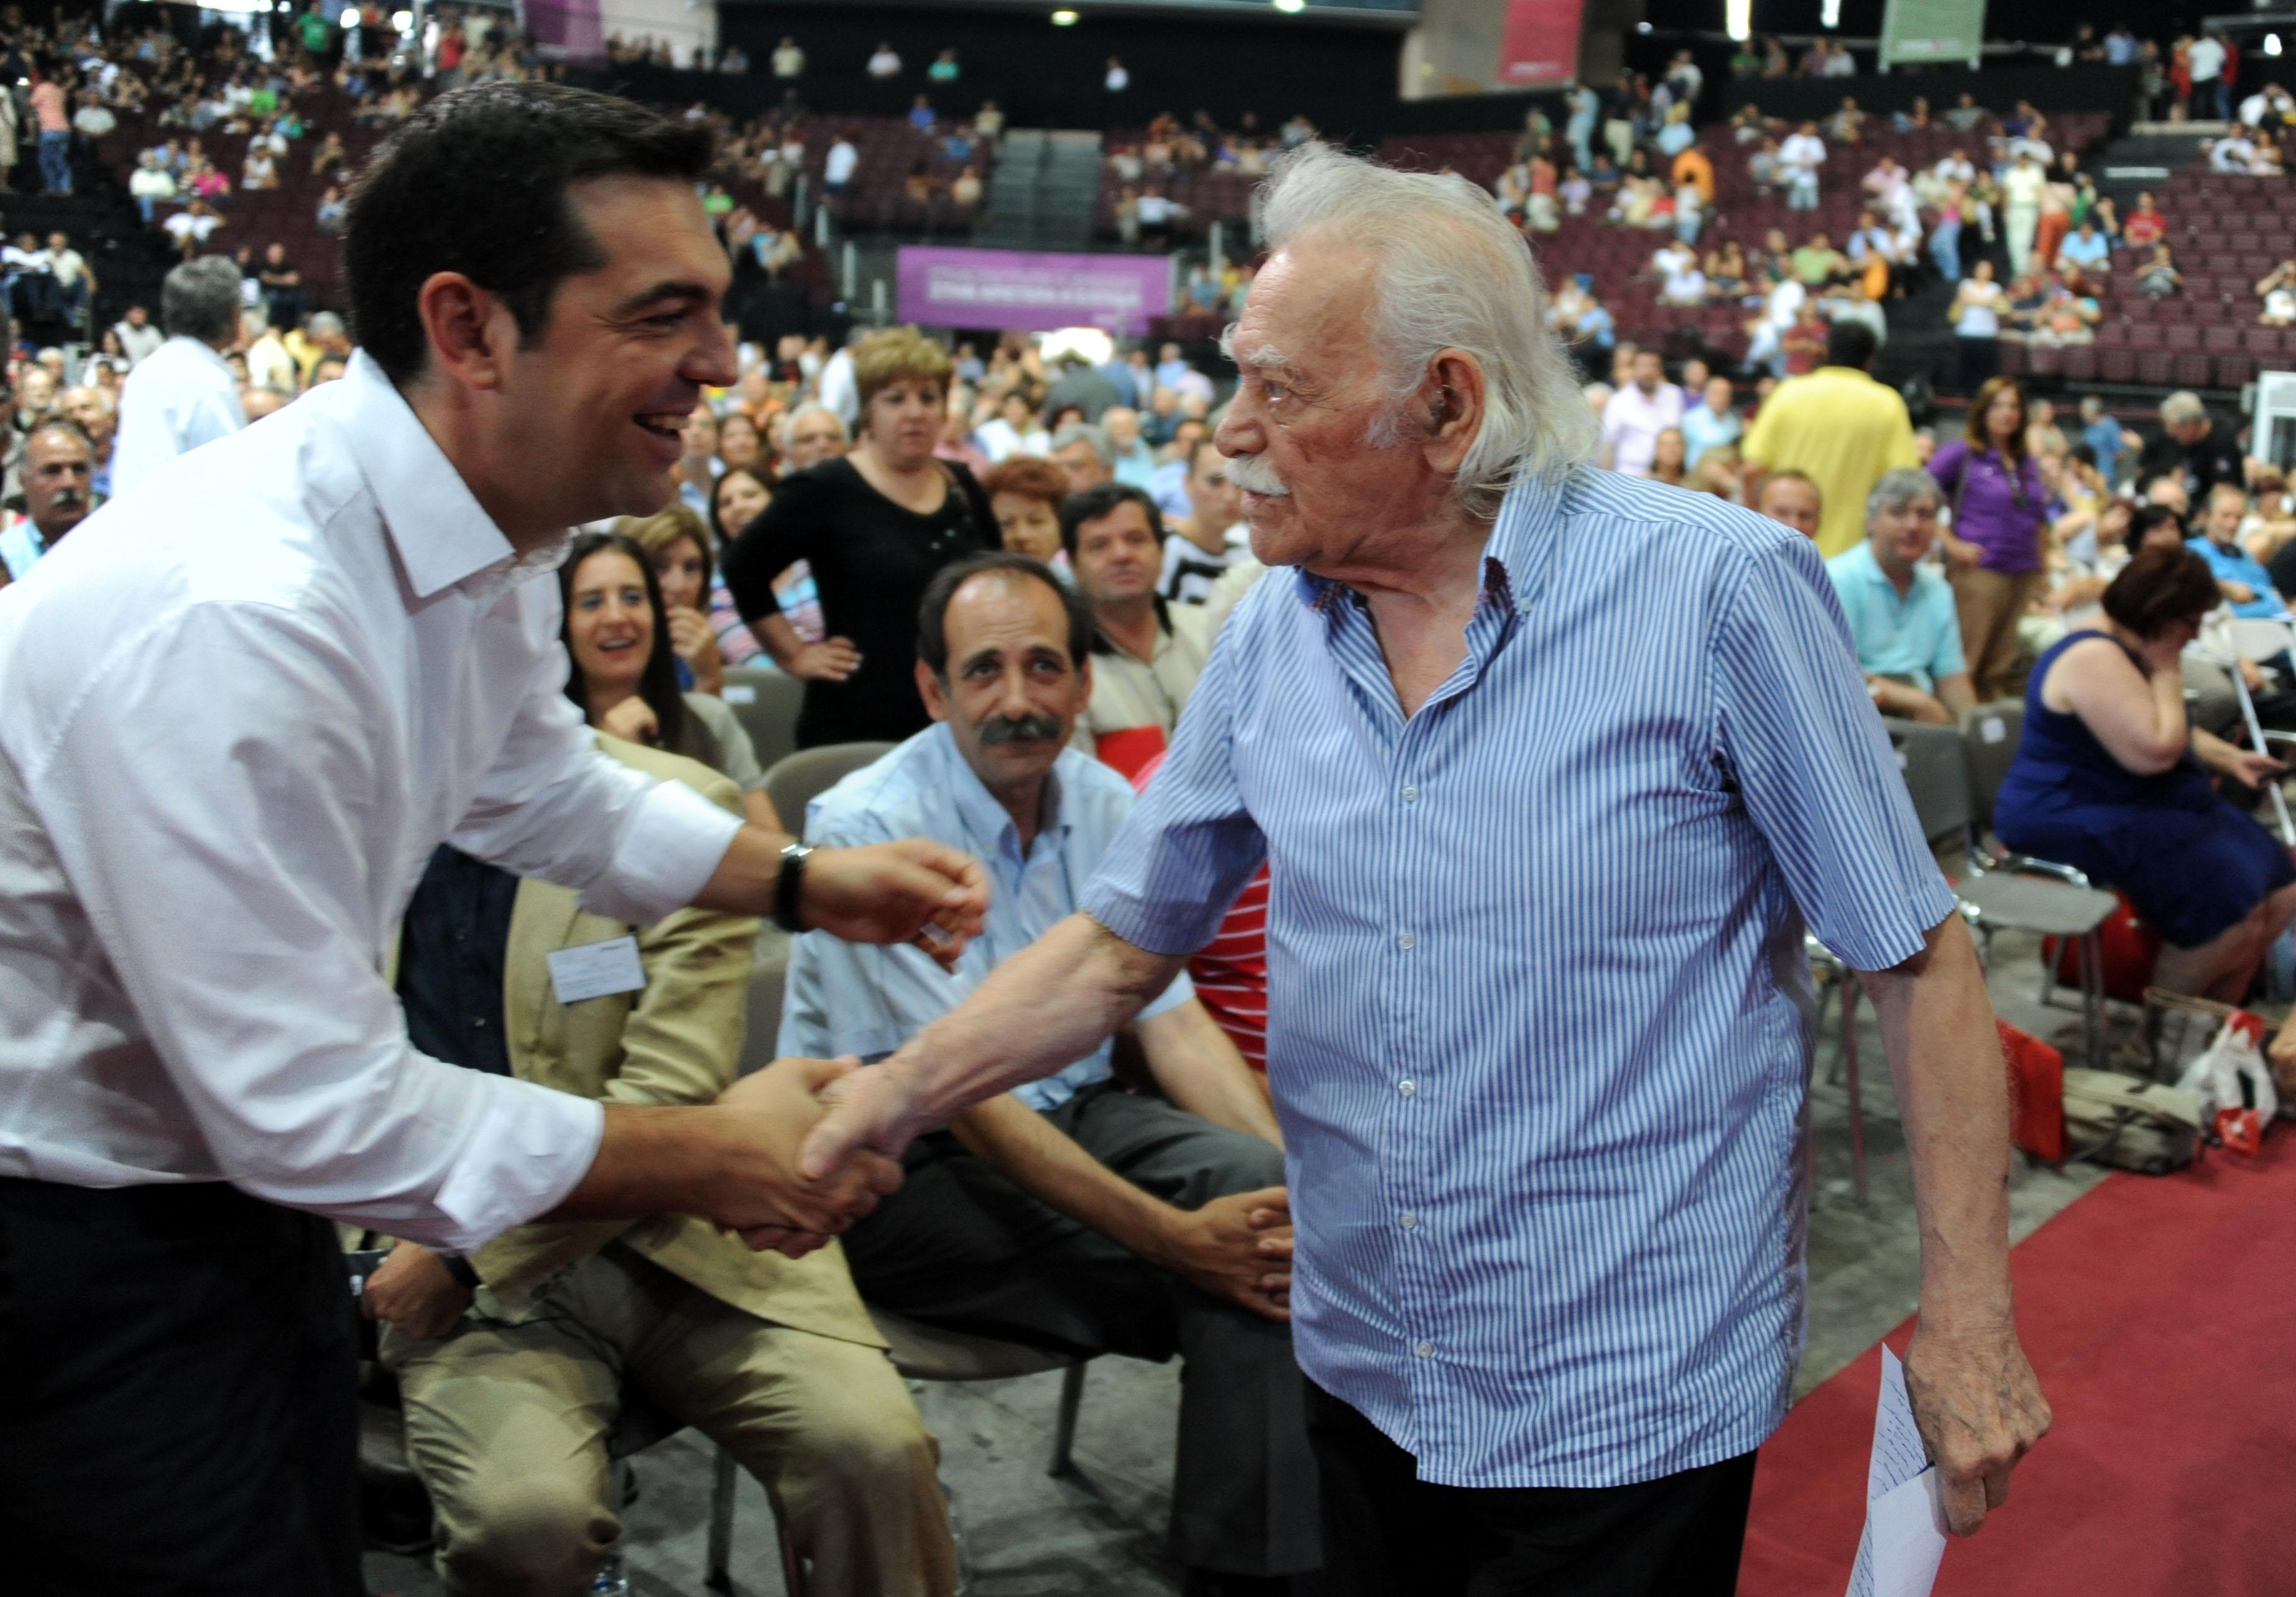 Όταν ο επικεφαλής του ΣΥΡΙΖΑ τελείωσε την ομιλία του, έσπευσε να χαιρετίσει τον Μανώλη Γλέζο - ΦΩΤΟ EUROKINISSI